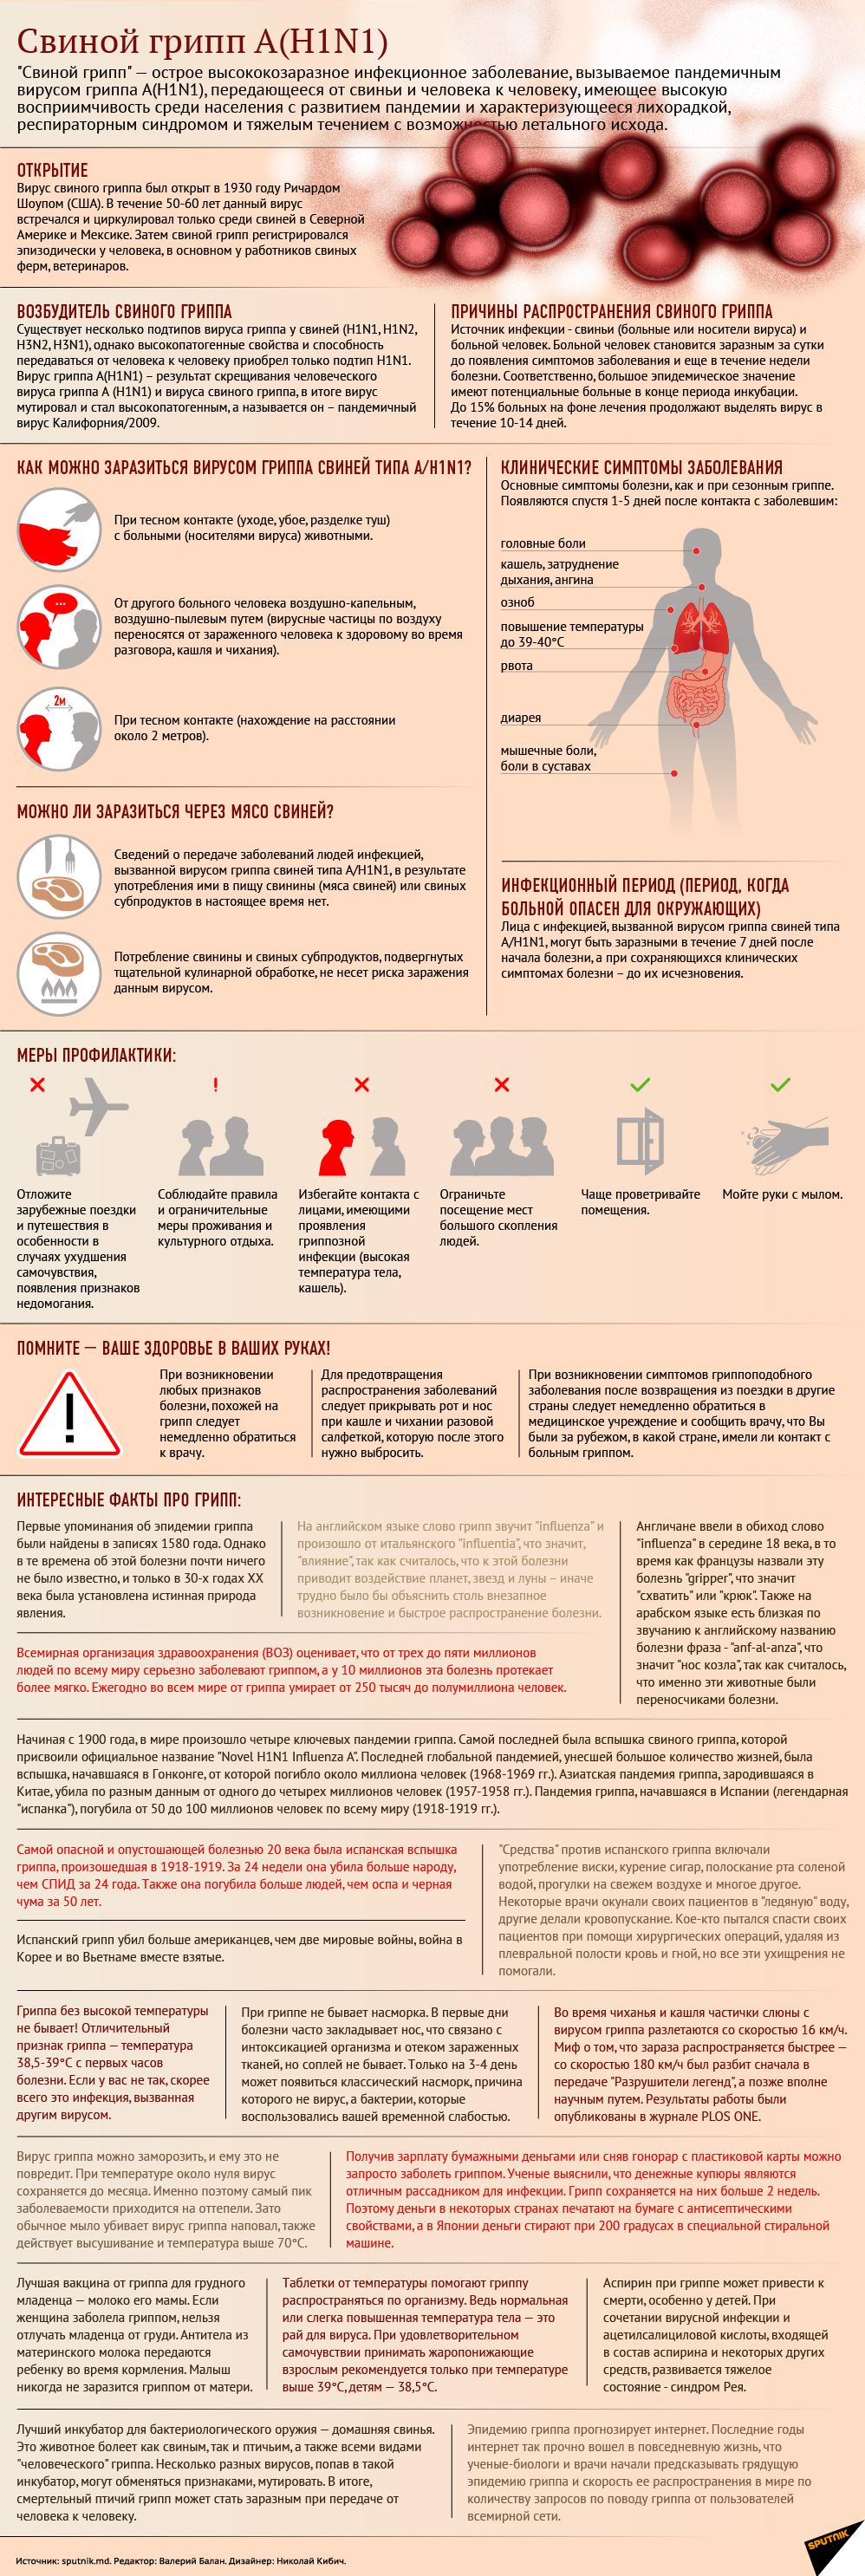 Как защититься от свиного гриппа